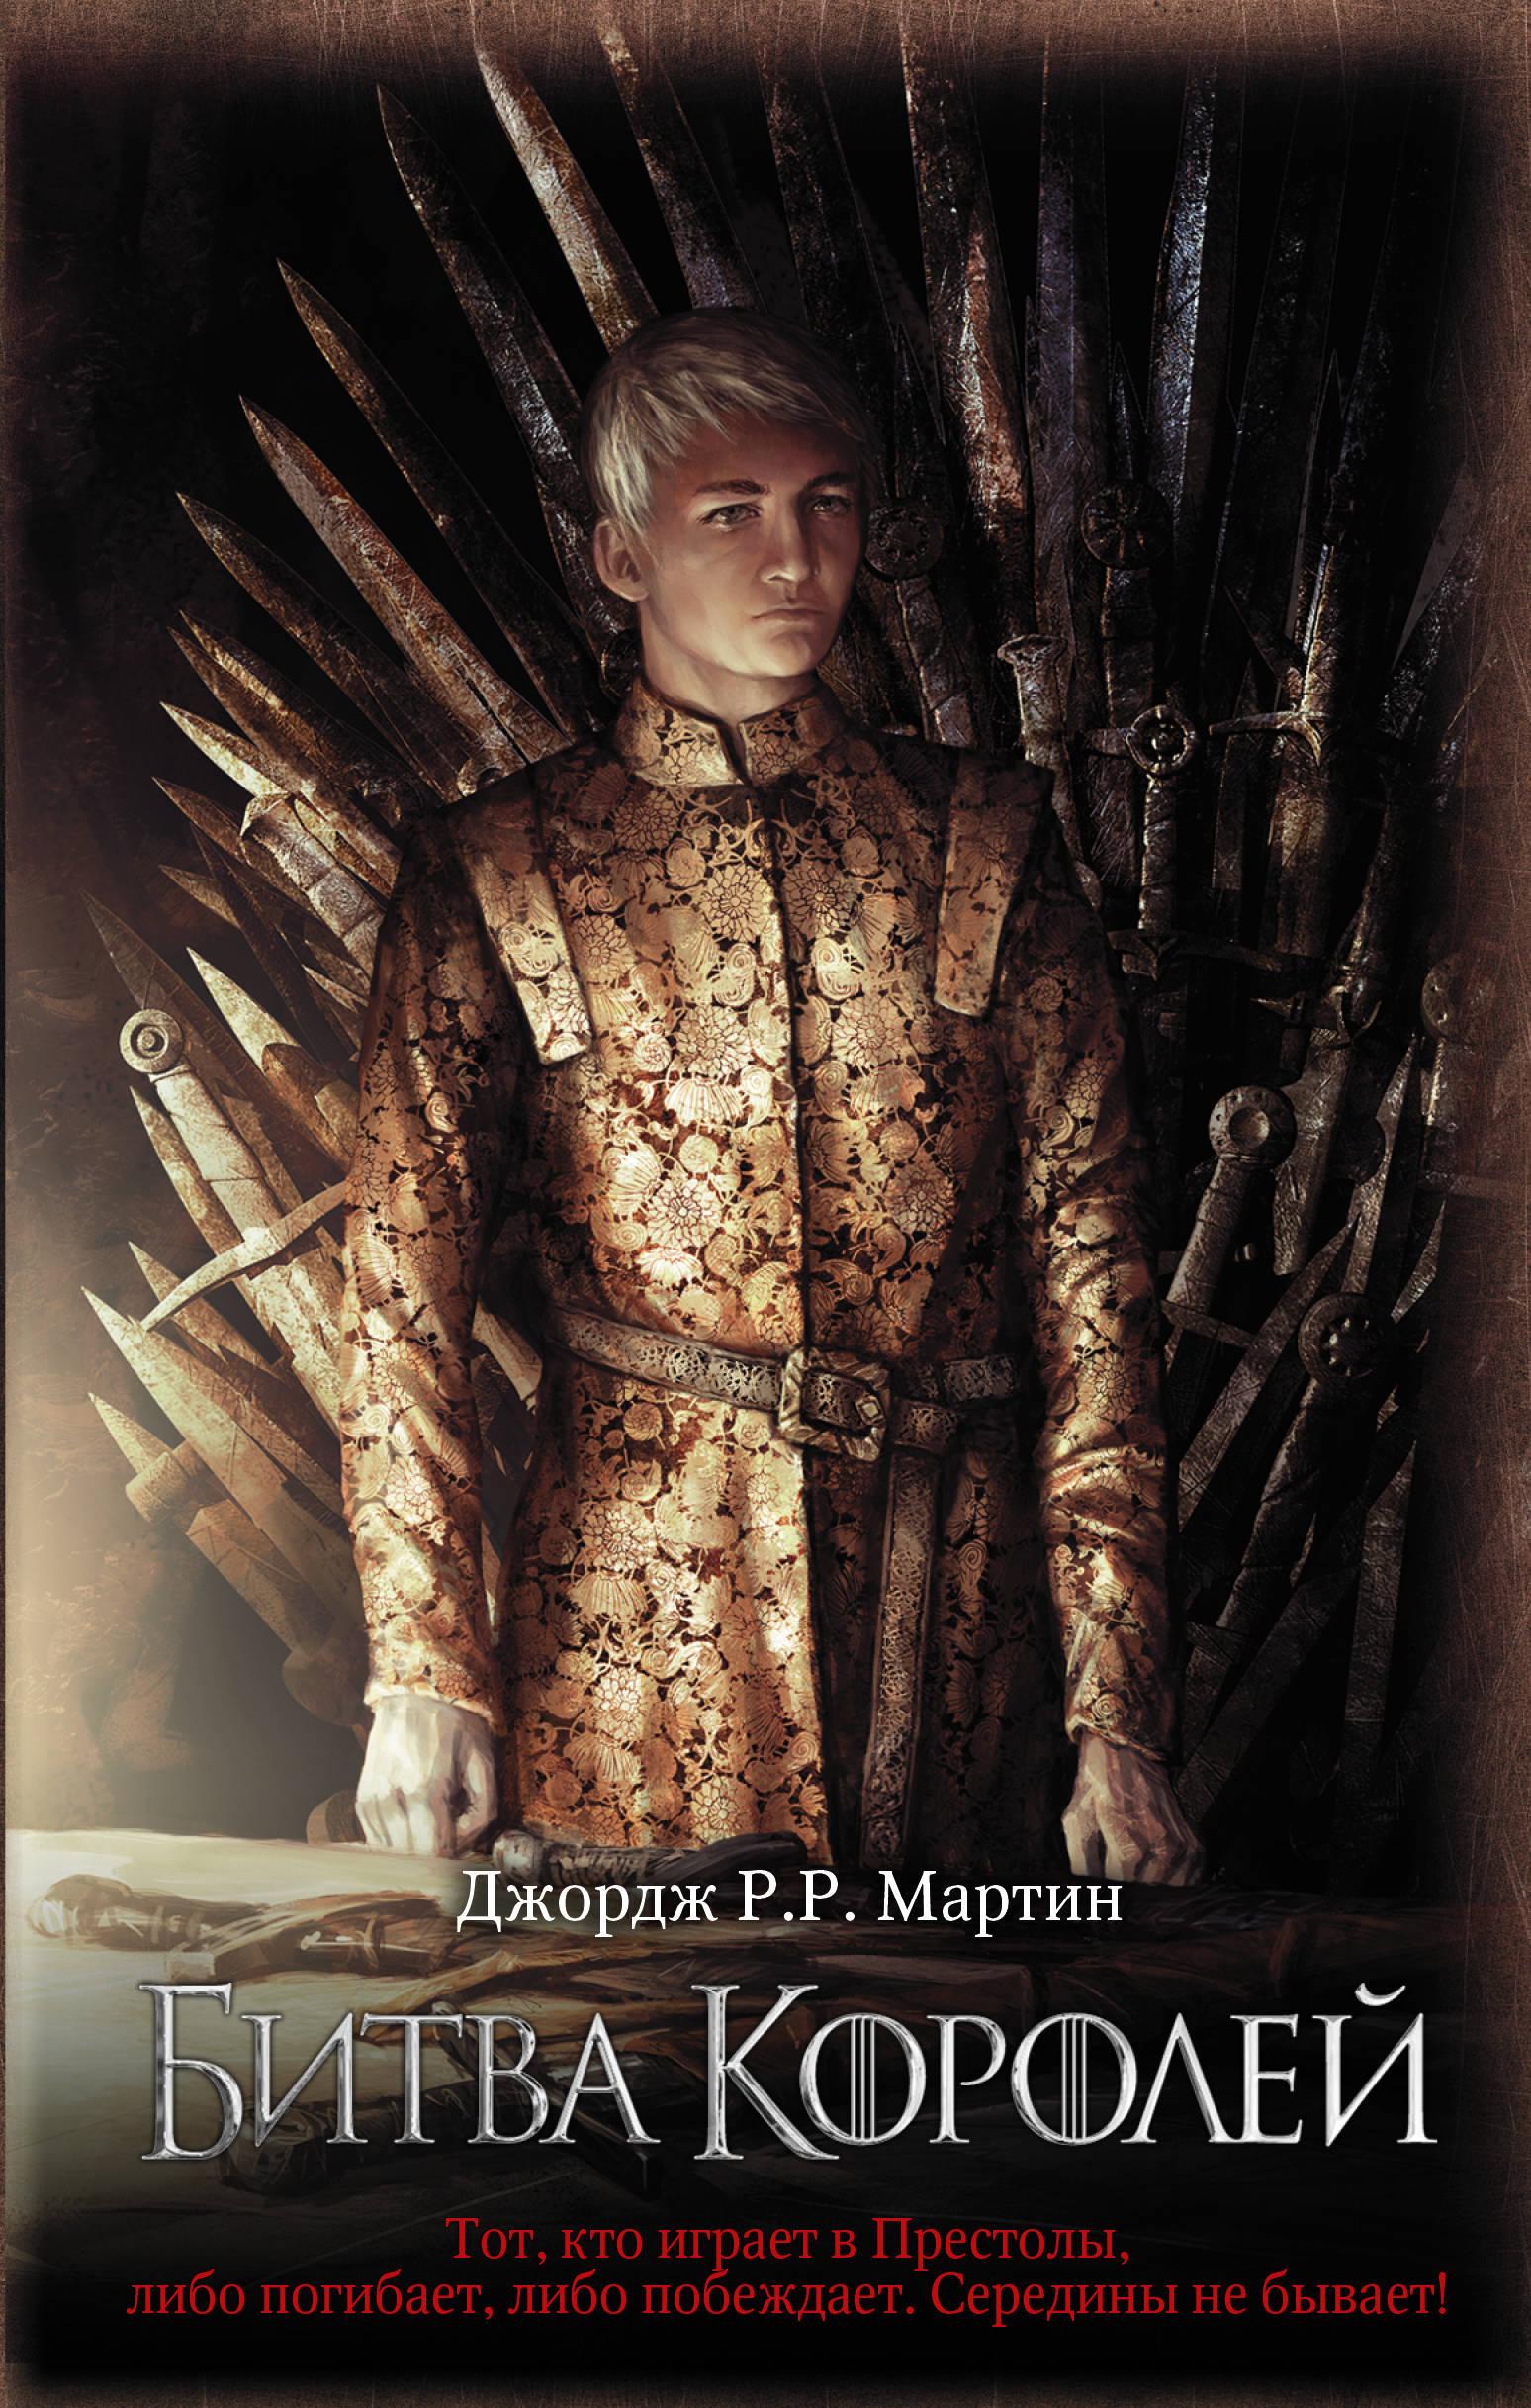 Мартин Джордж Р. Р. Битва королей цена и фото